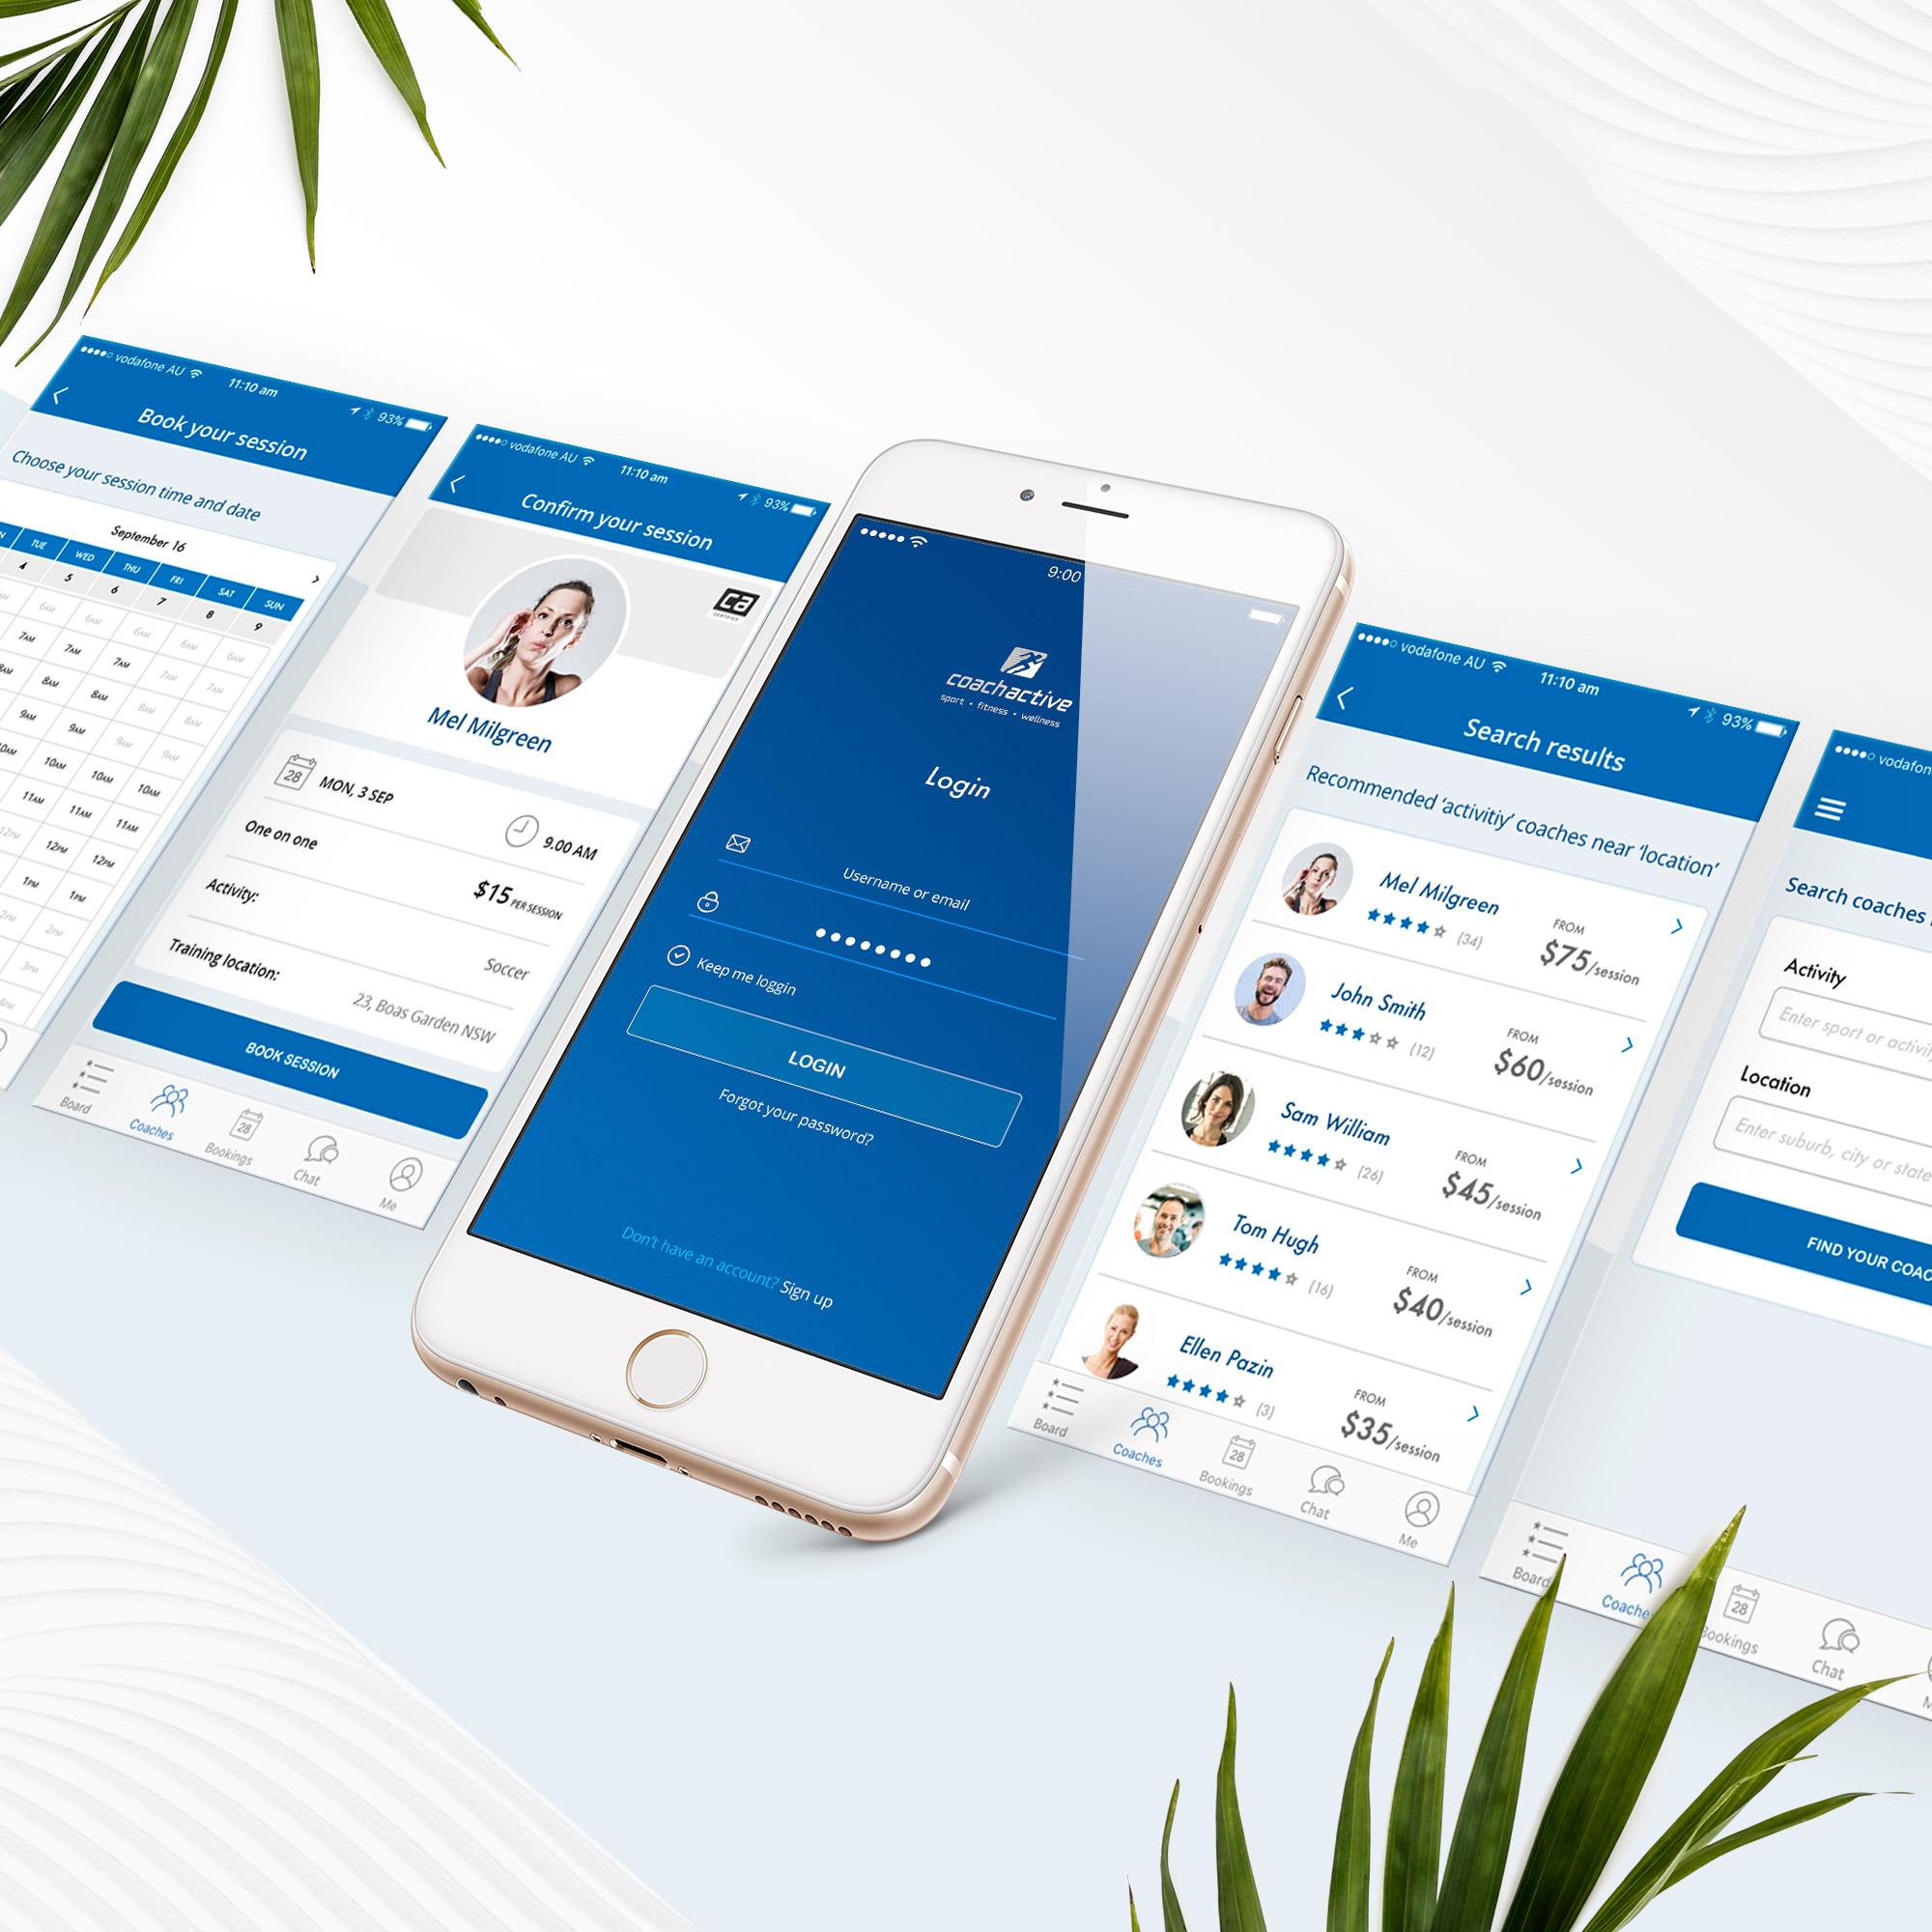 Coachactive-Mobile-app-Mockup.jpg